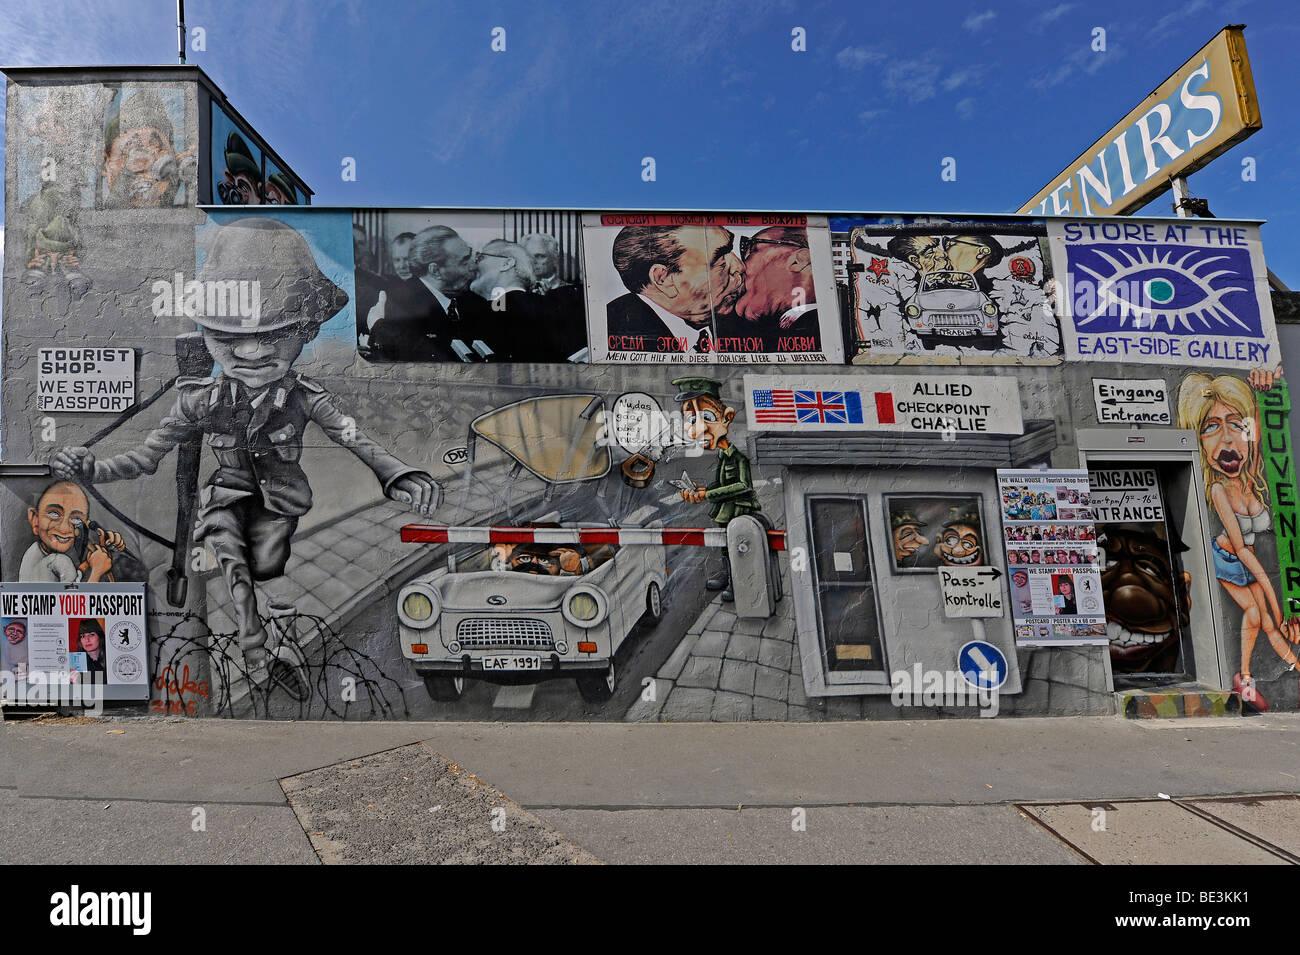 """Une partie de l'East Side Gallery"""", morceau du Mur de Berlin peint après la chute du Mur de Berlin, Berlin, Germany, Banque D'Images"""